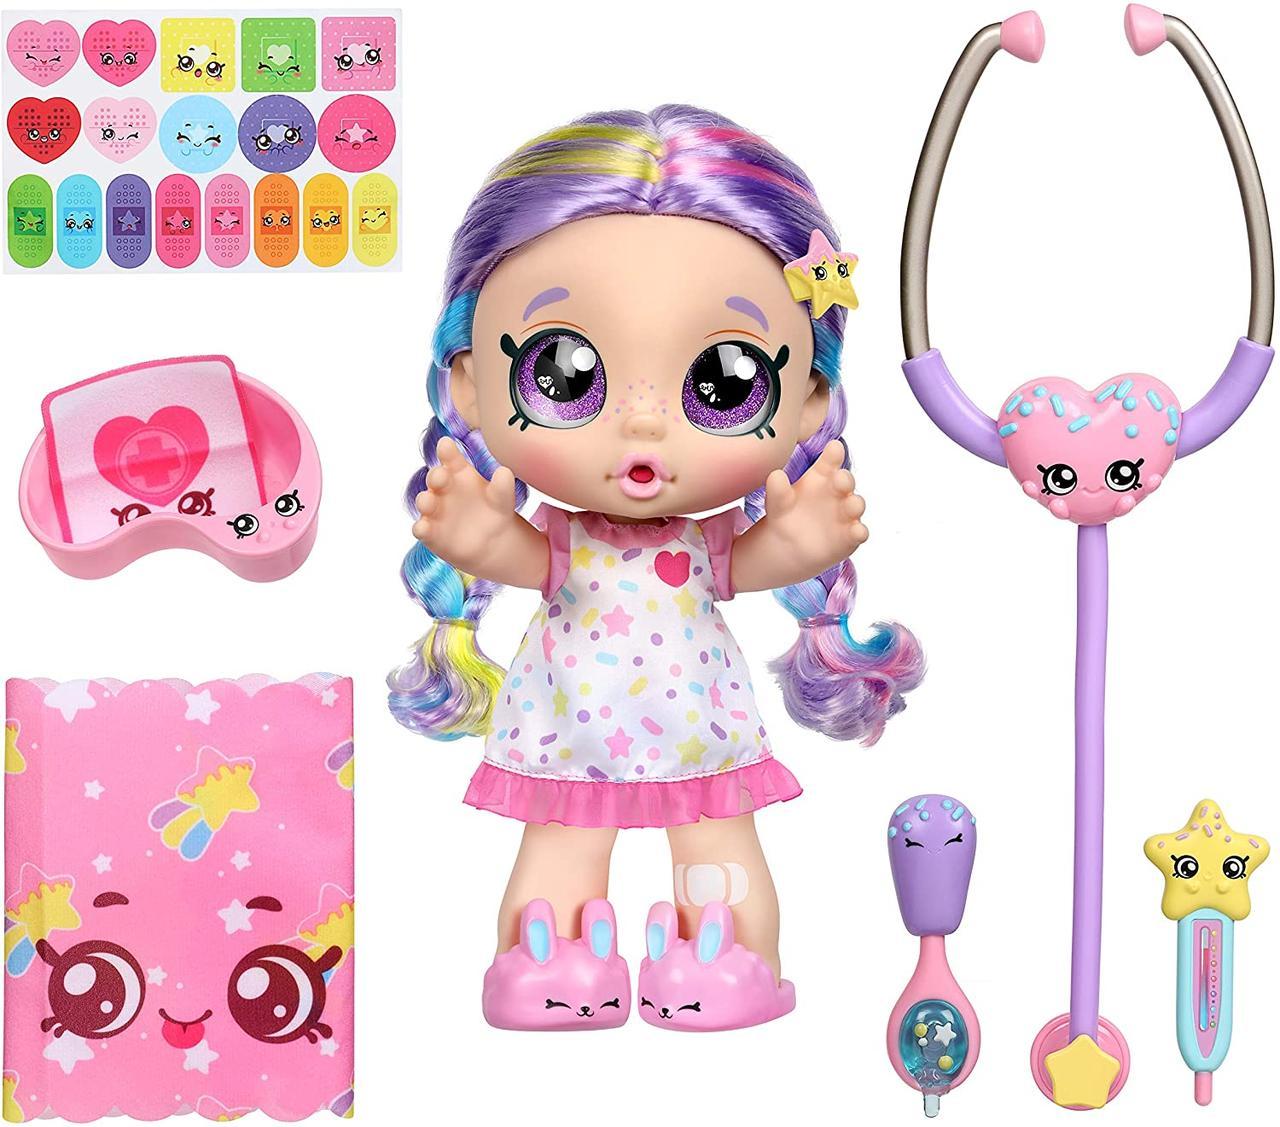 Интерактивная кукла Кинди Кидс Рейнбоу Кейт Kindi Kids Snack Time Friends Shiver and Shake Rainbow Kate